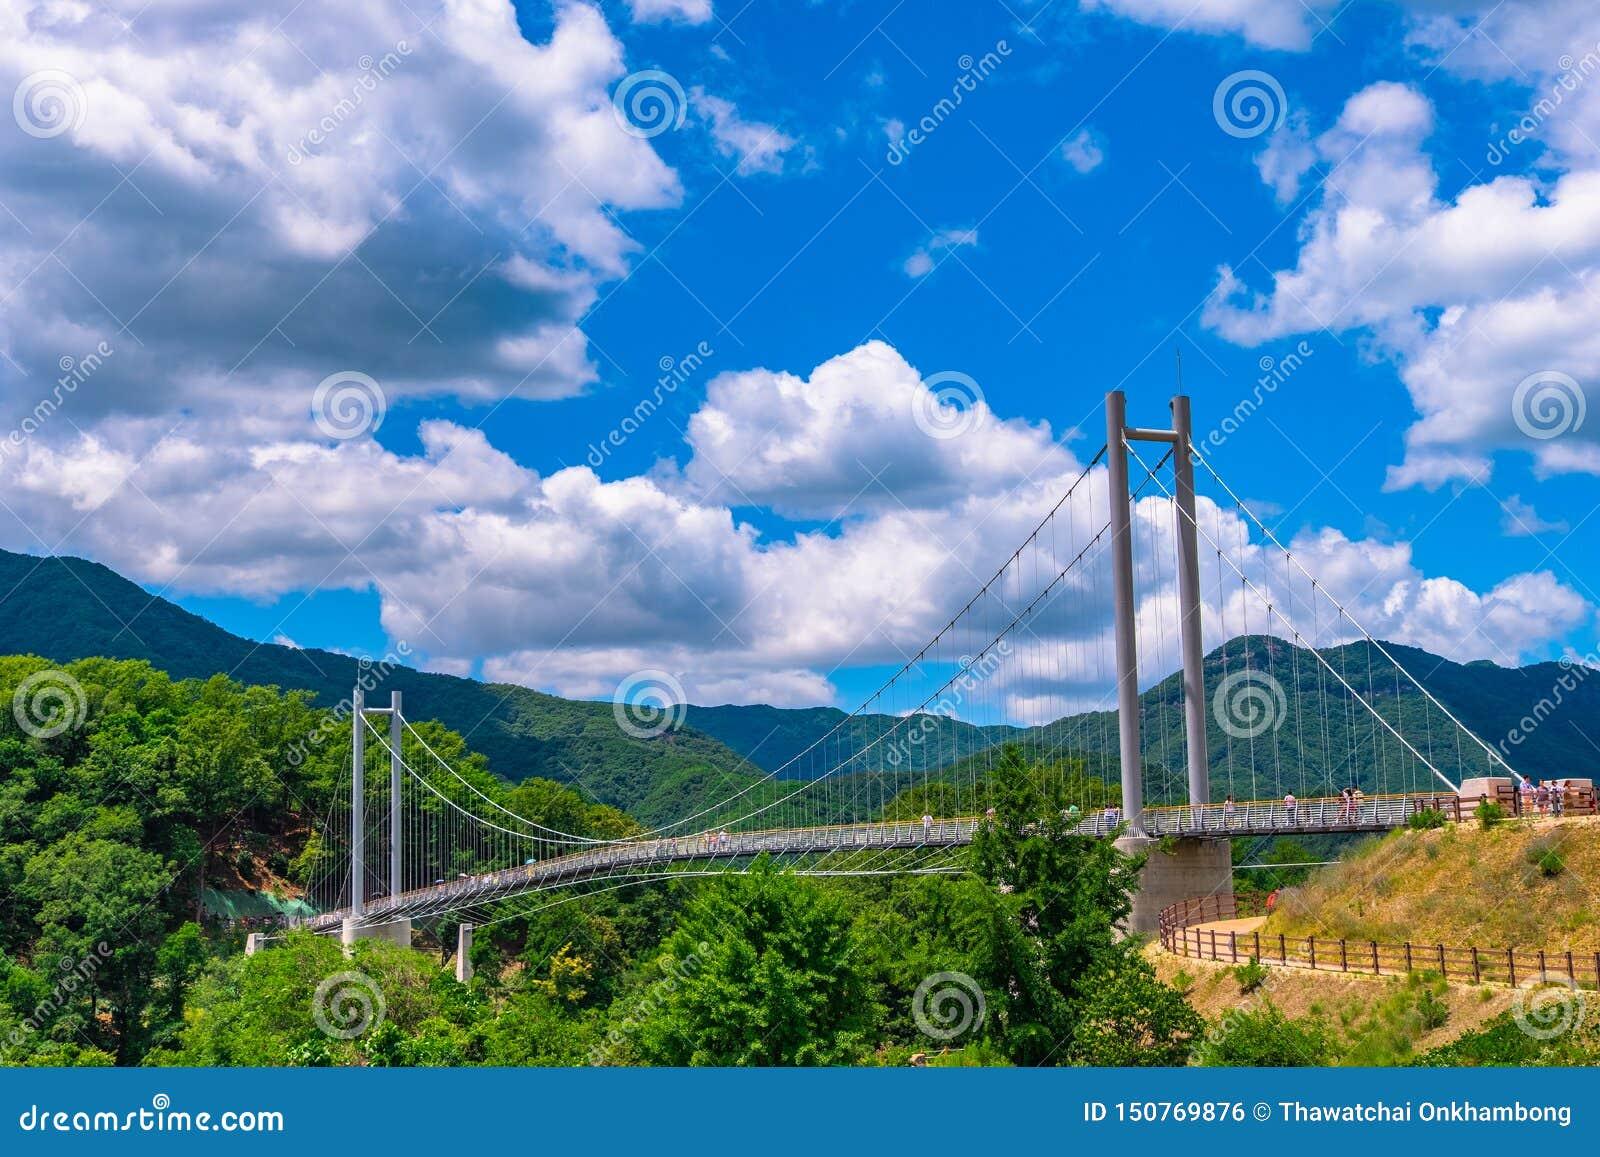 La atmósfera diurna en la paloma Nang el puente, Pocheon Seúl Corea